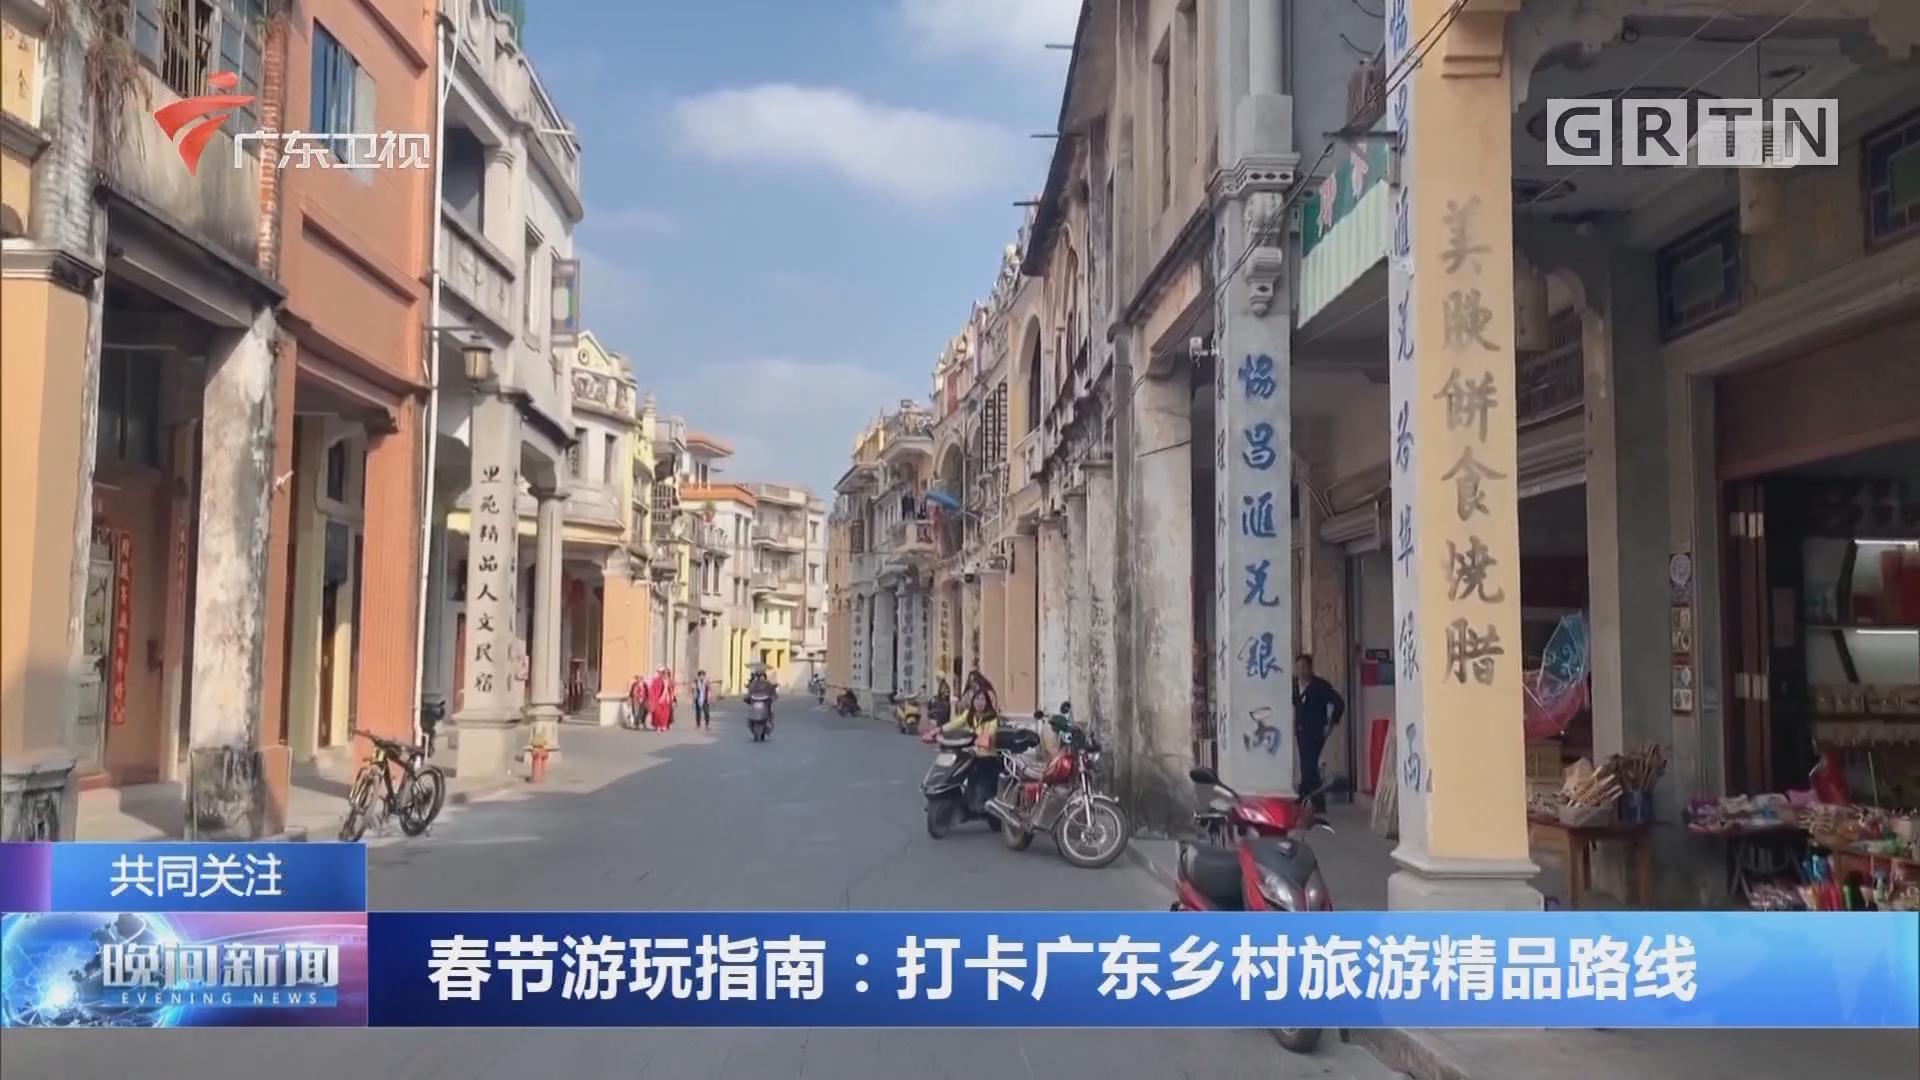 春节游玩指南:打卡广东乡村旅游精品路线